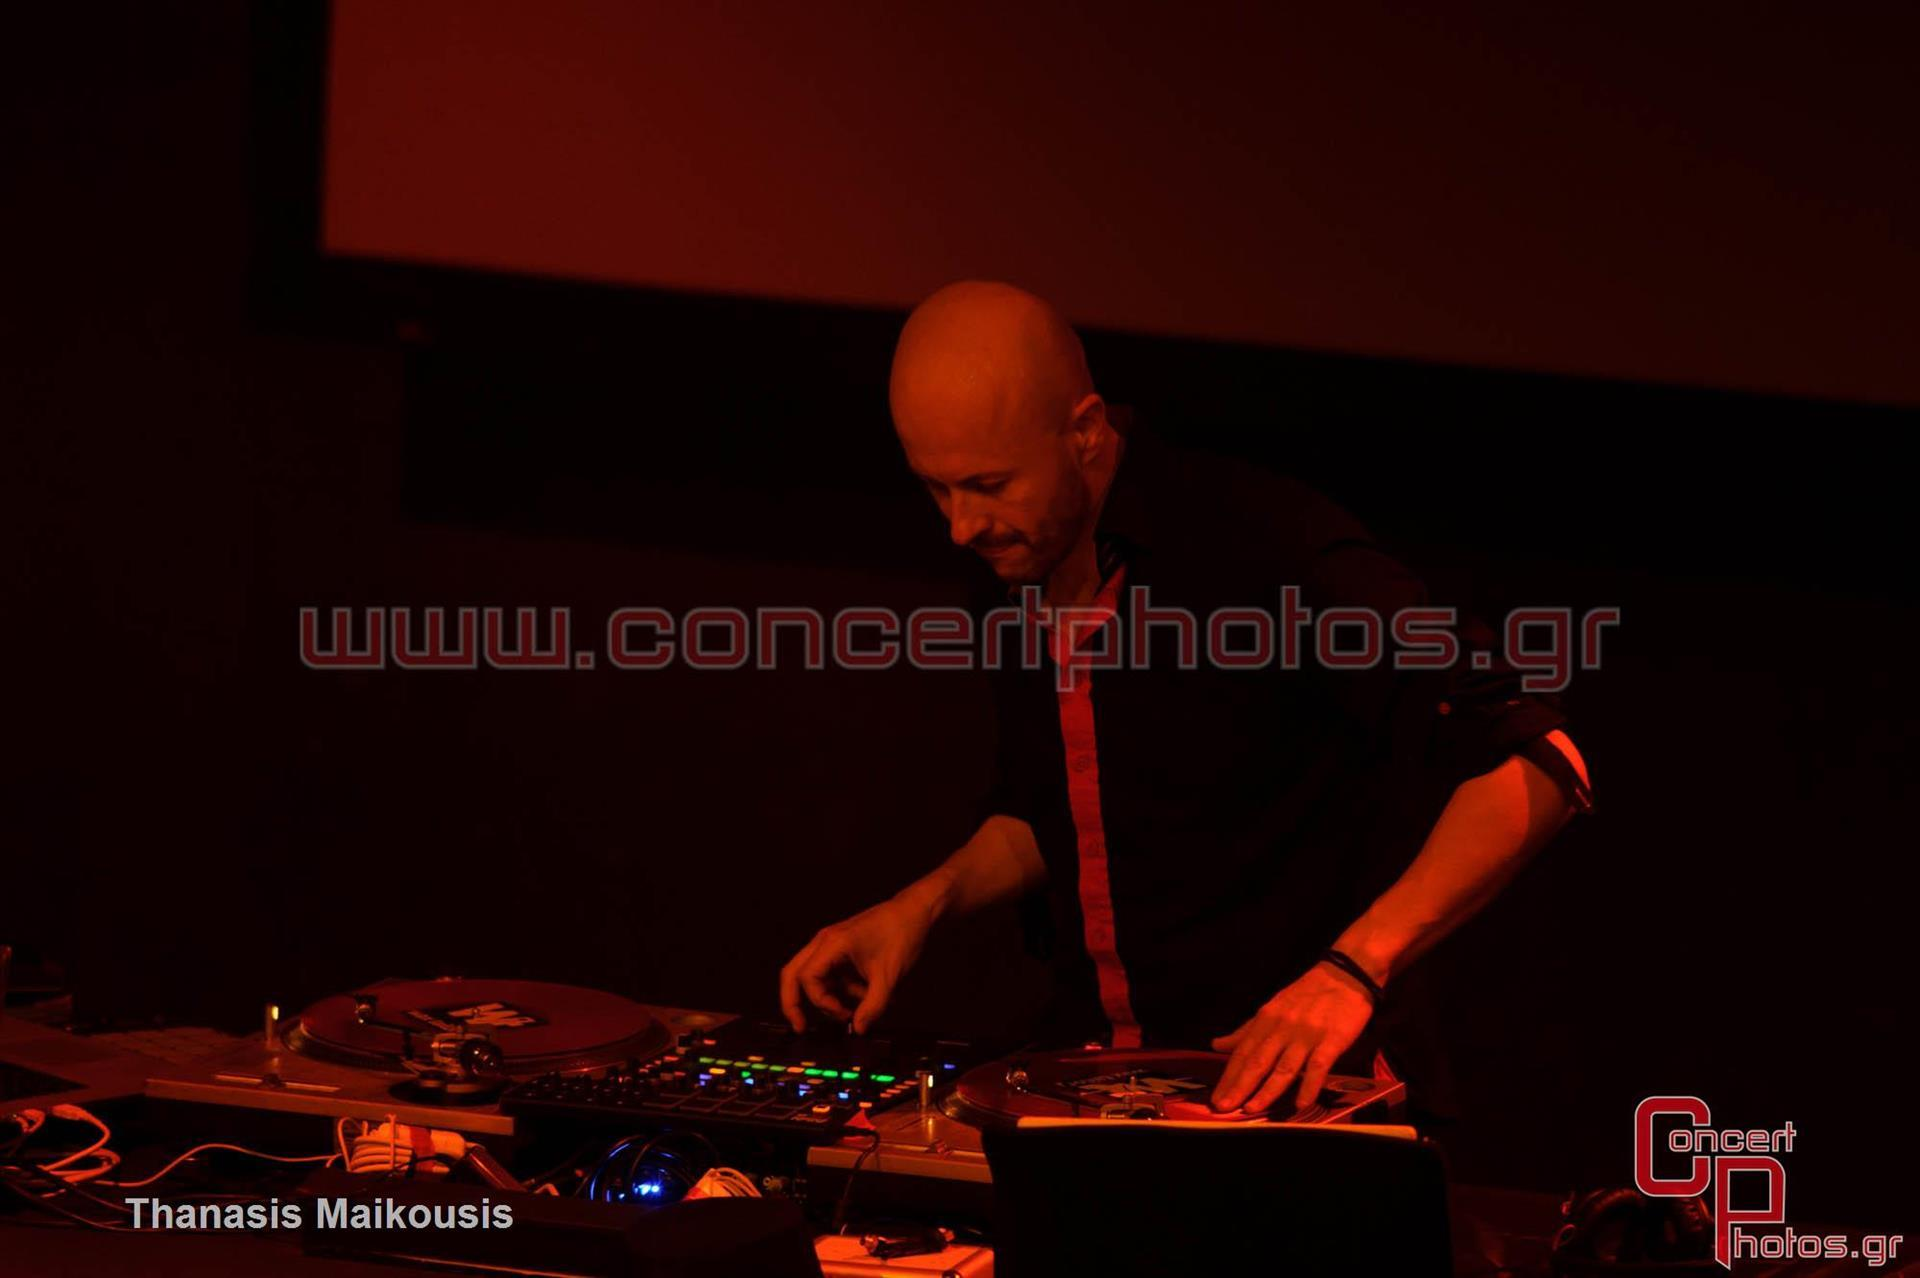 Wax Tailor - photographer: Thanasis Maikousis - ConcertPhotos-7952